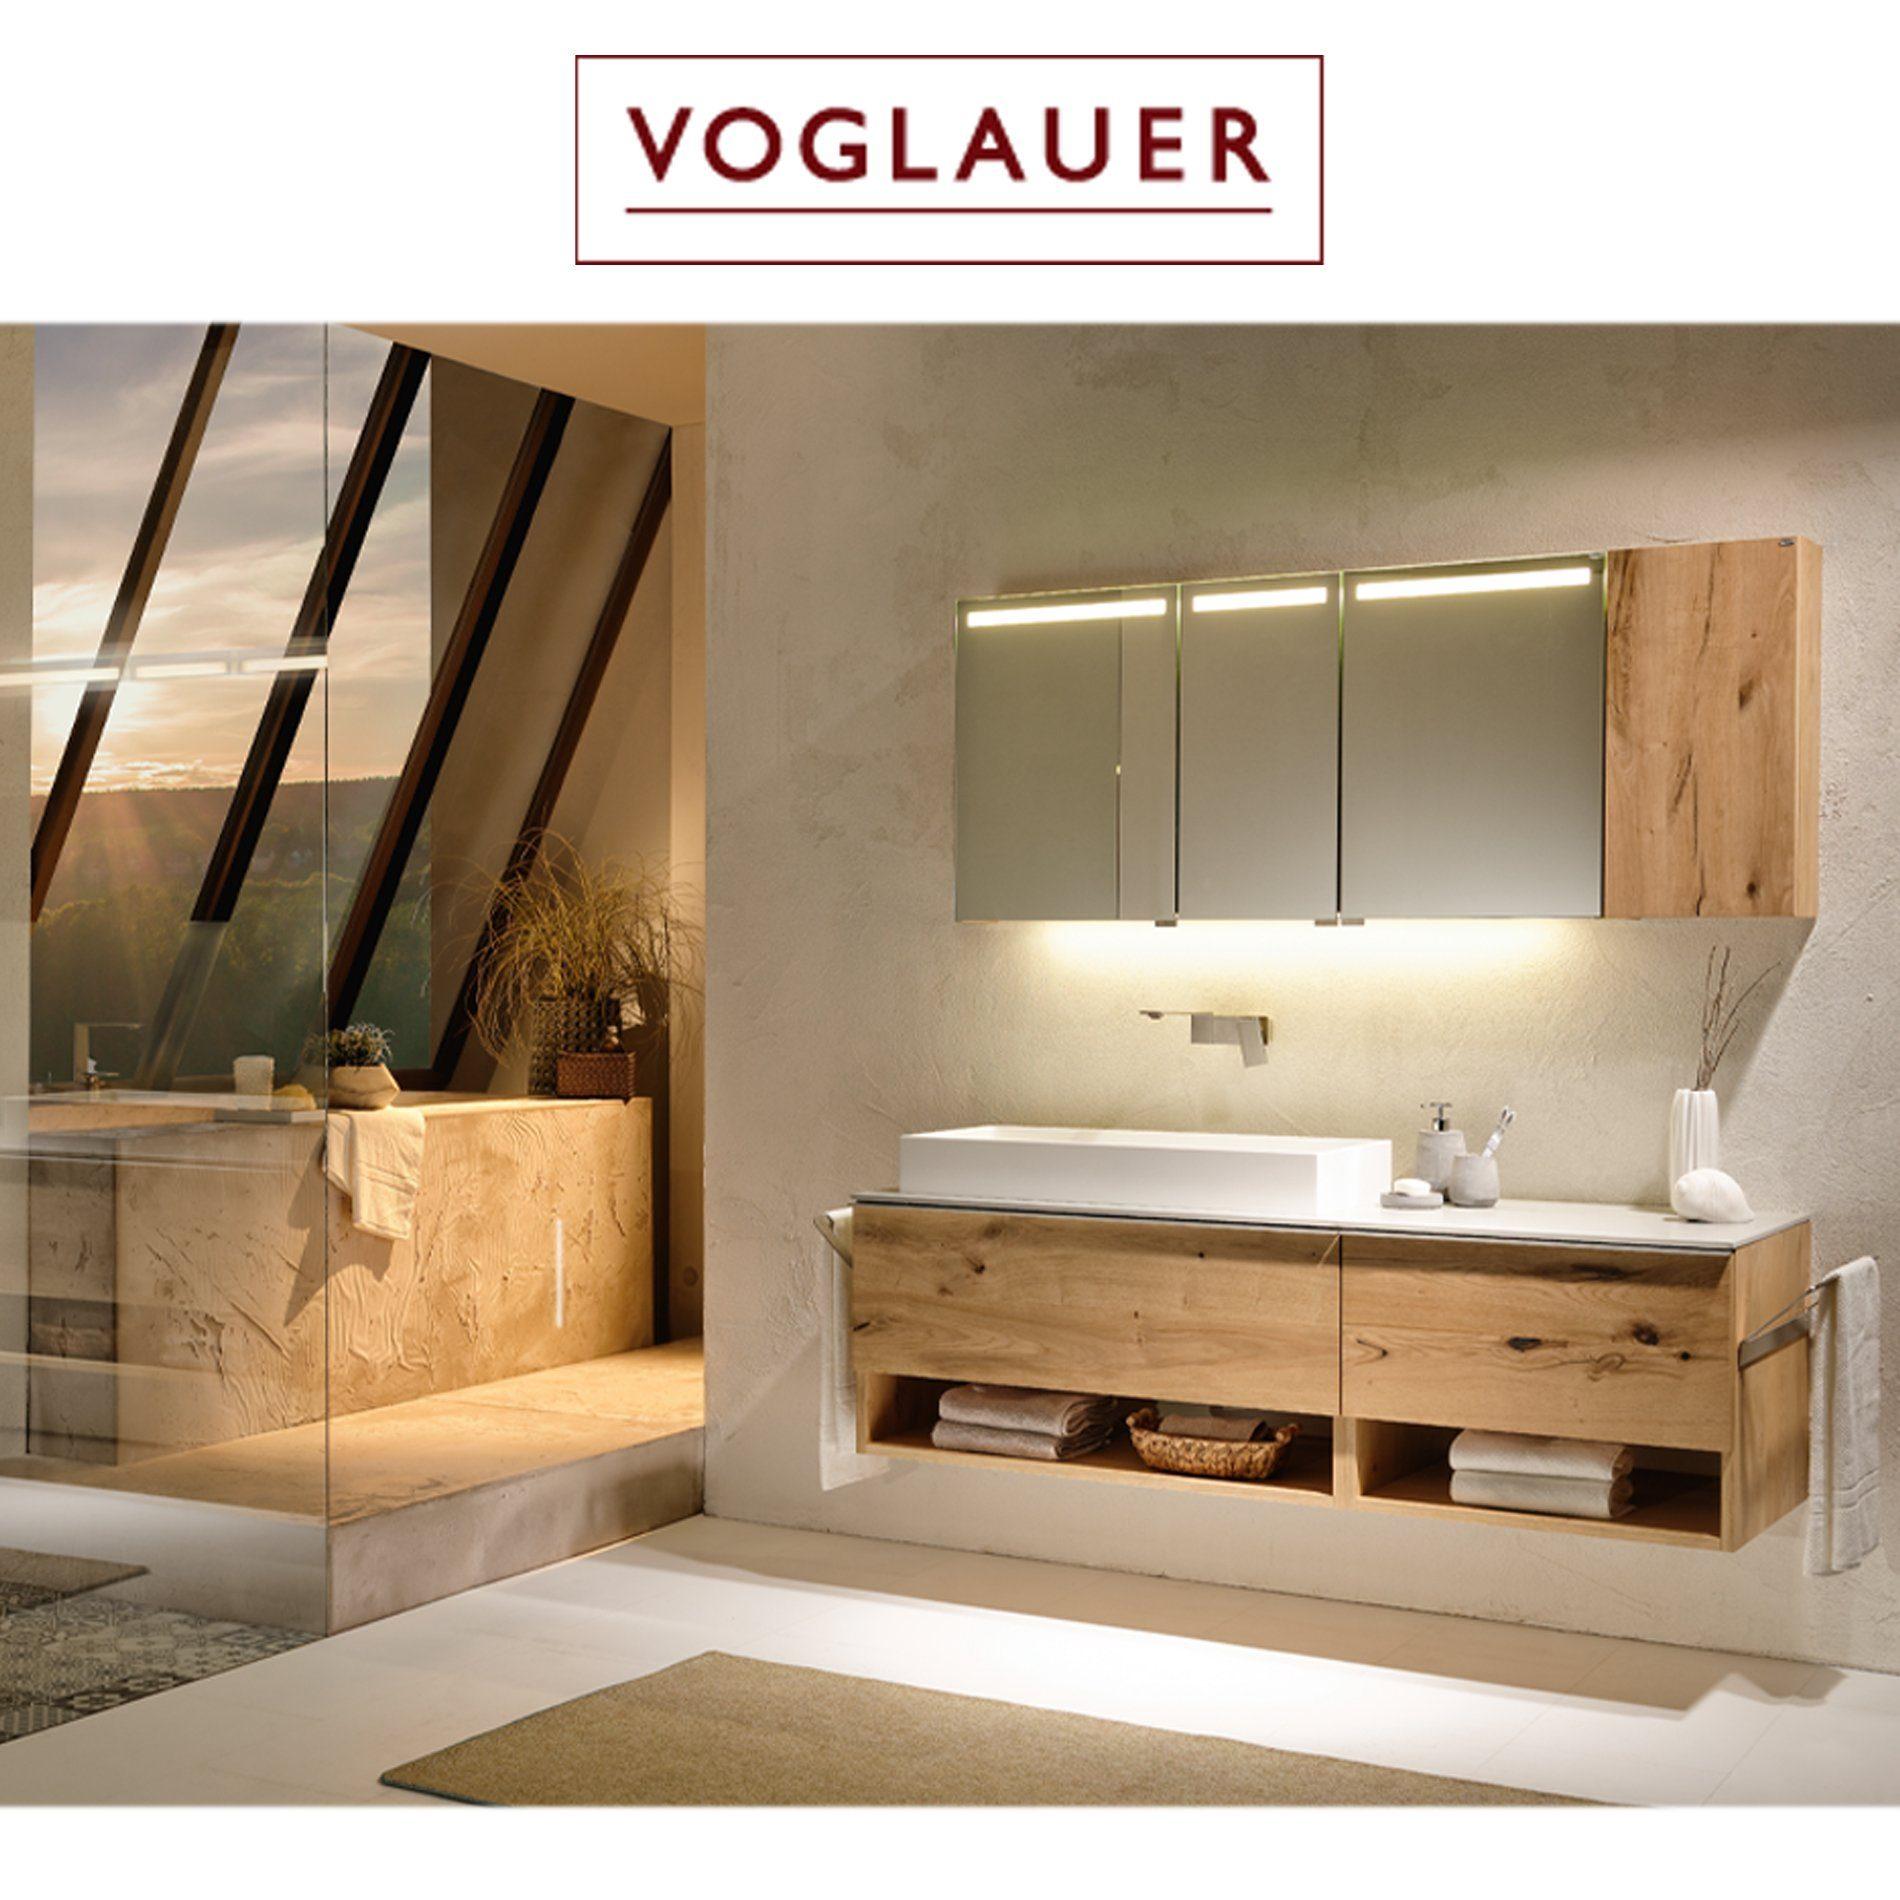 Design Mit Charme Badezimmermobel Von Voglauer Wohnparc De